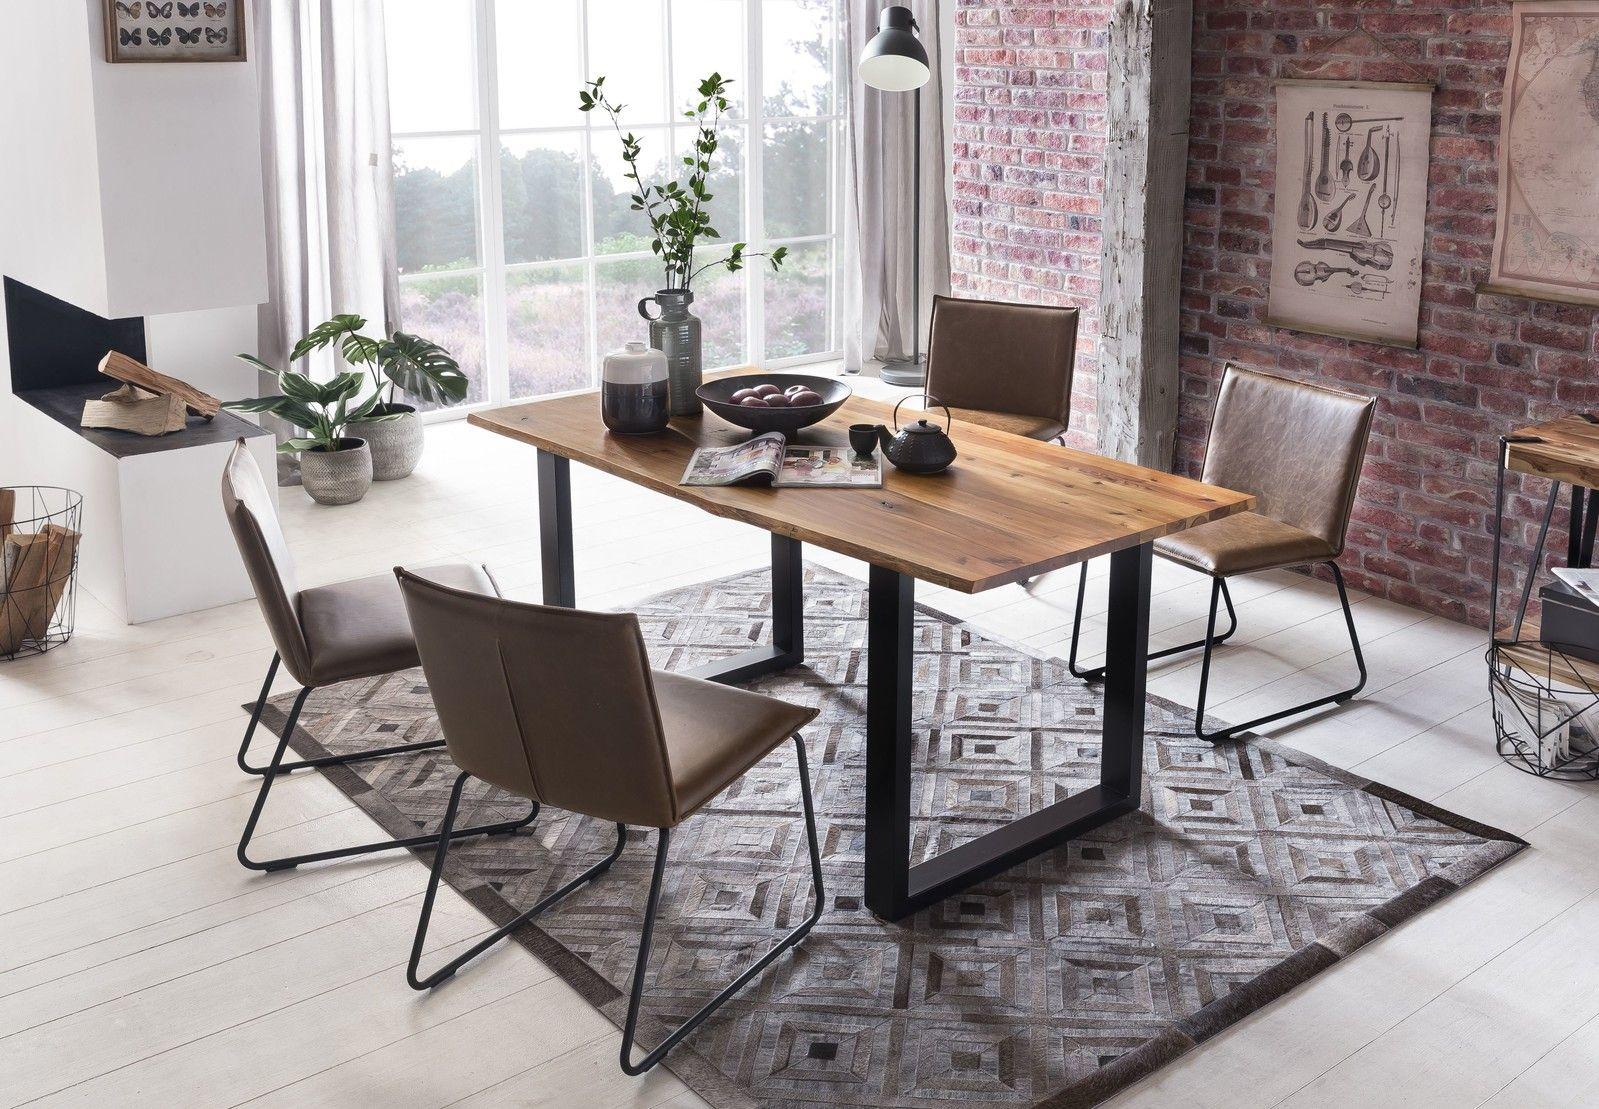 Industrial Style Esstisch Esstisch stühle, Wohn möbel